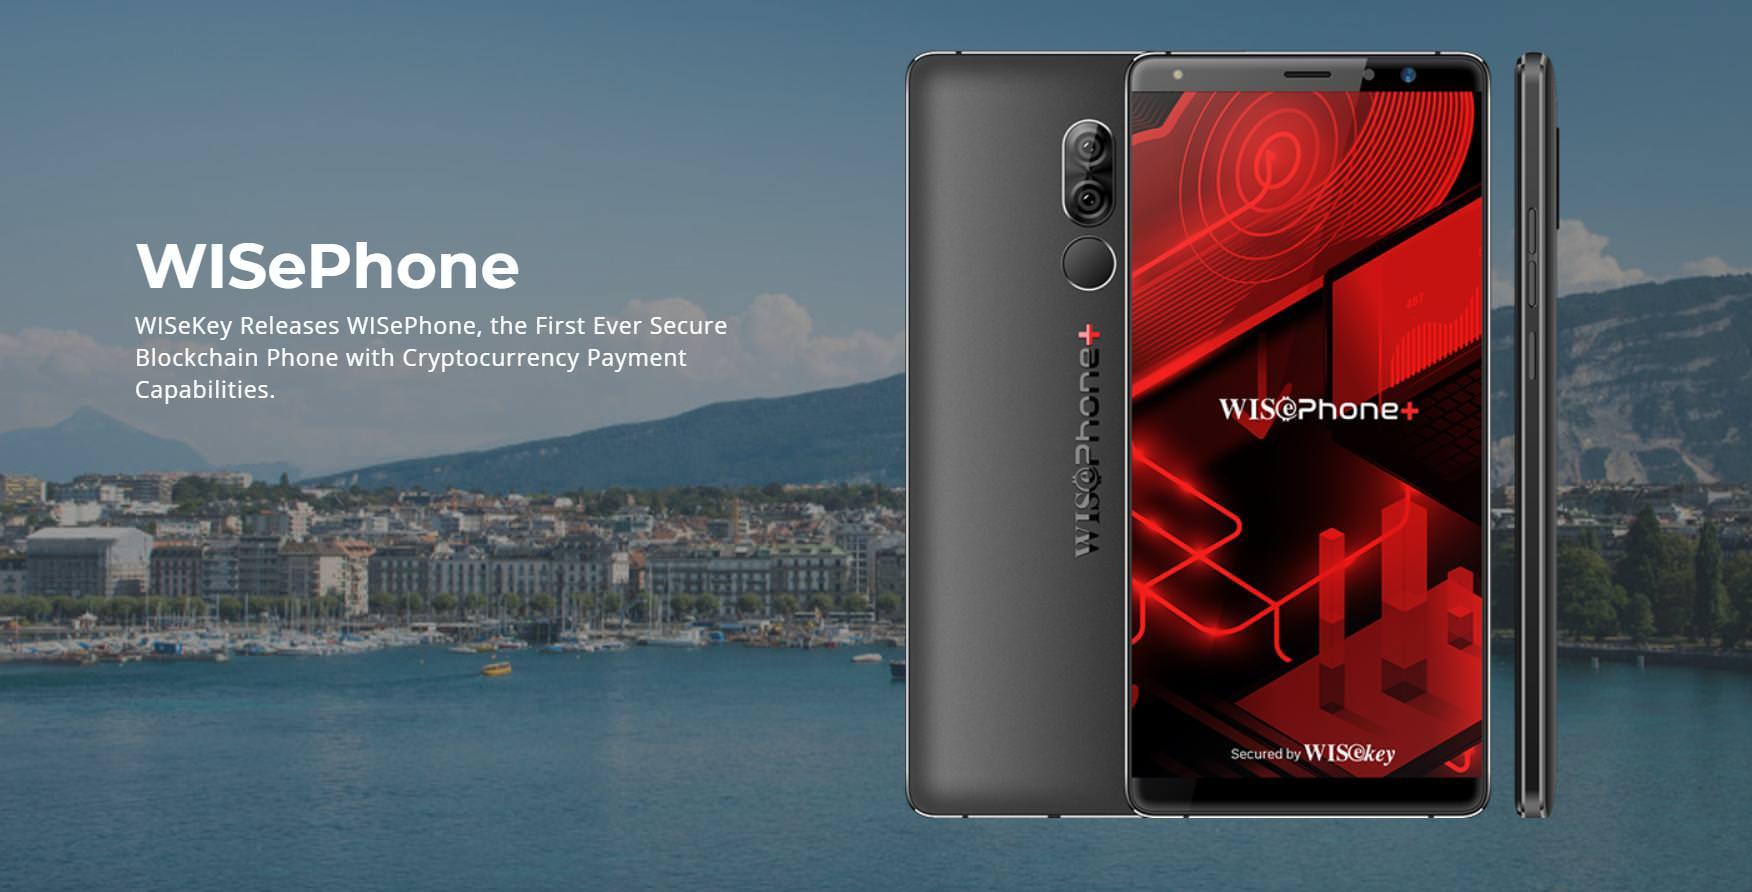 Wisephone Blockchain Smartphone